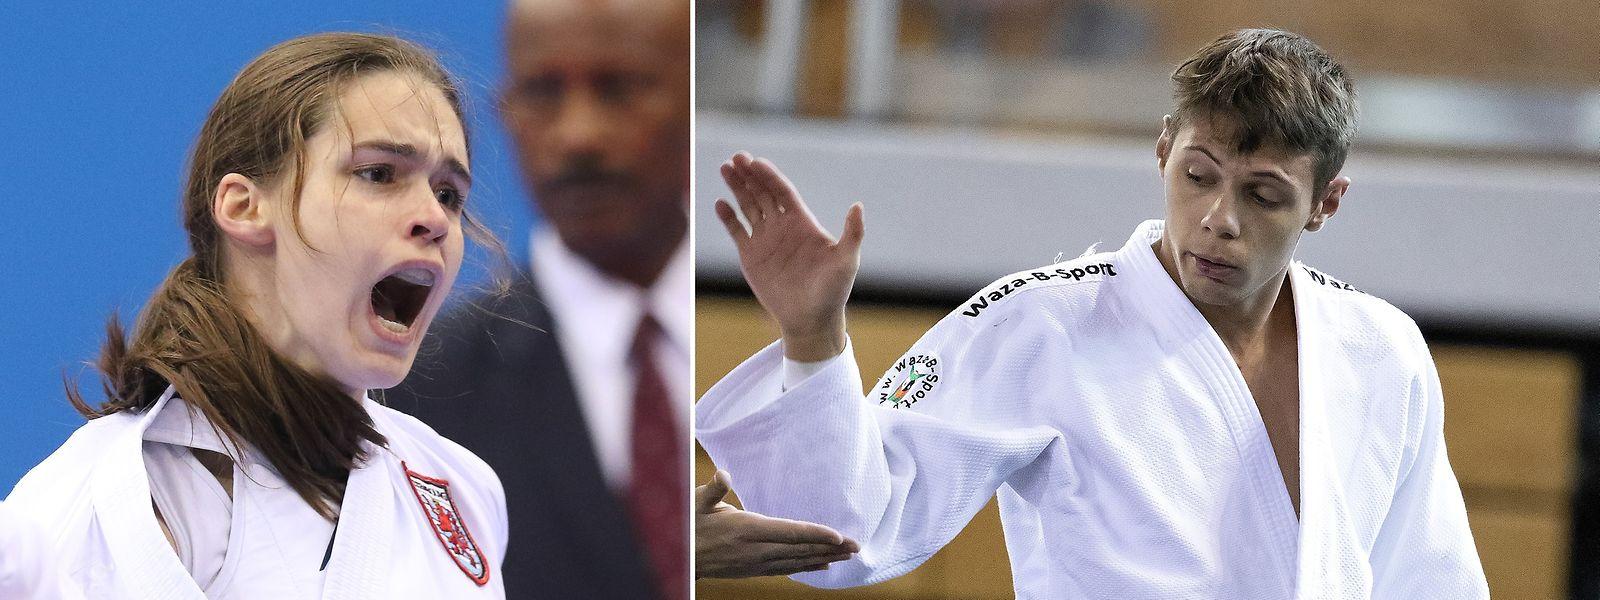 Karateka Jenny Warling und Judoka Claudio Nunes dos Santos sind die olympischen Hoffnungsträger im Kampfsport.